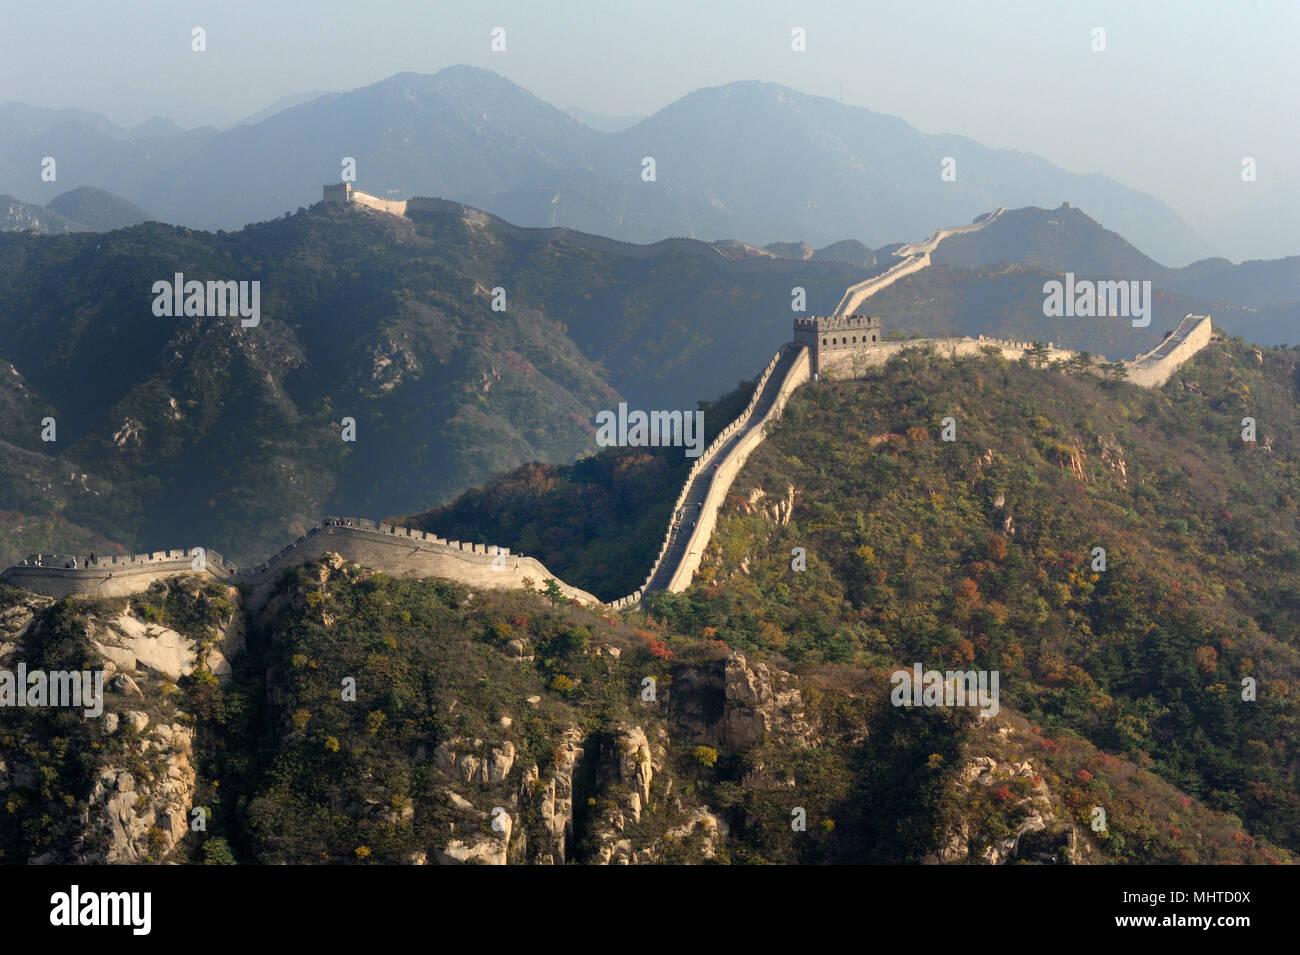 Gran Muralla sobre las montañas. Foto de stock